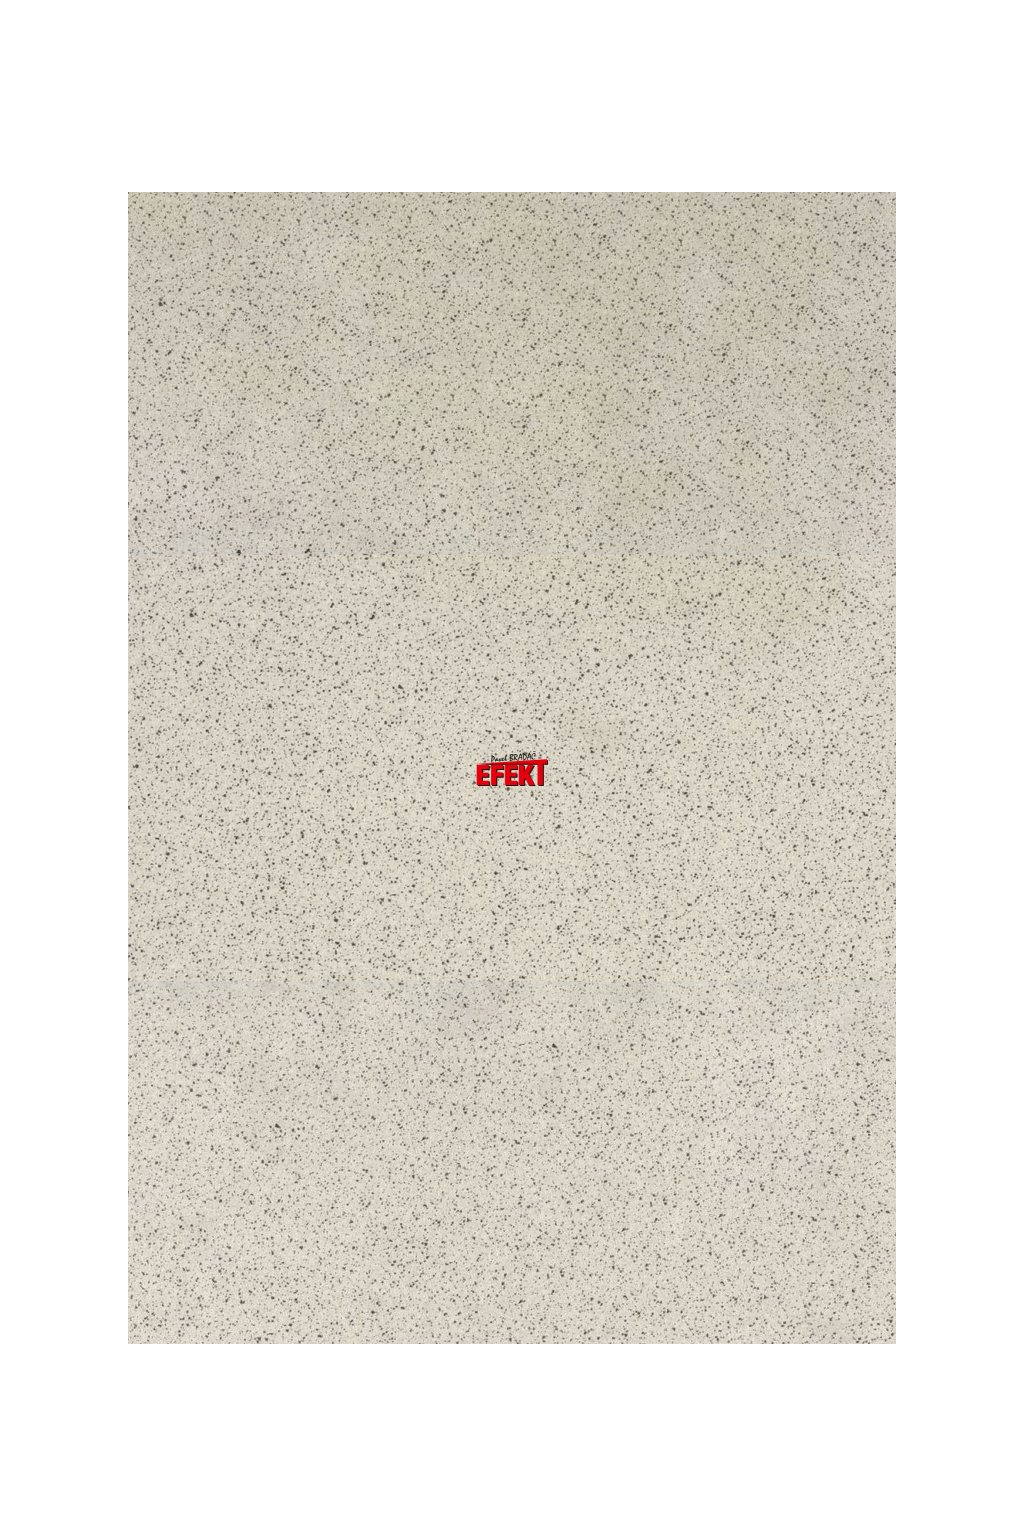 Pixel Clear 2175